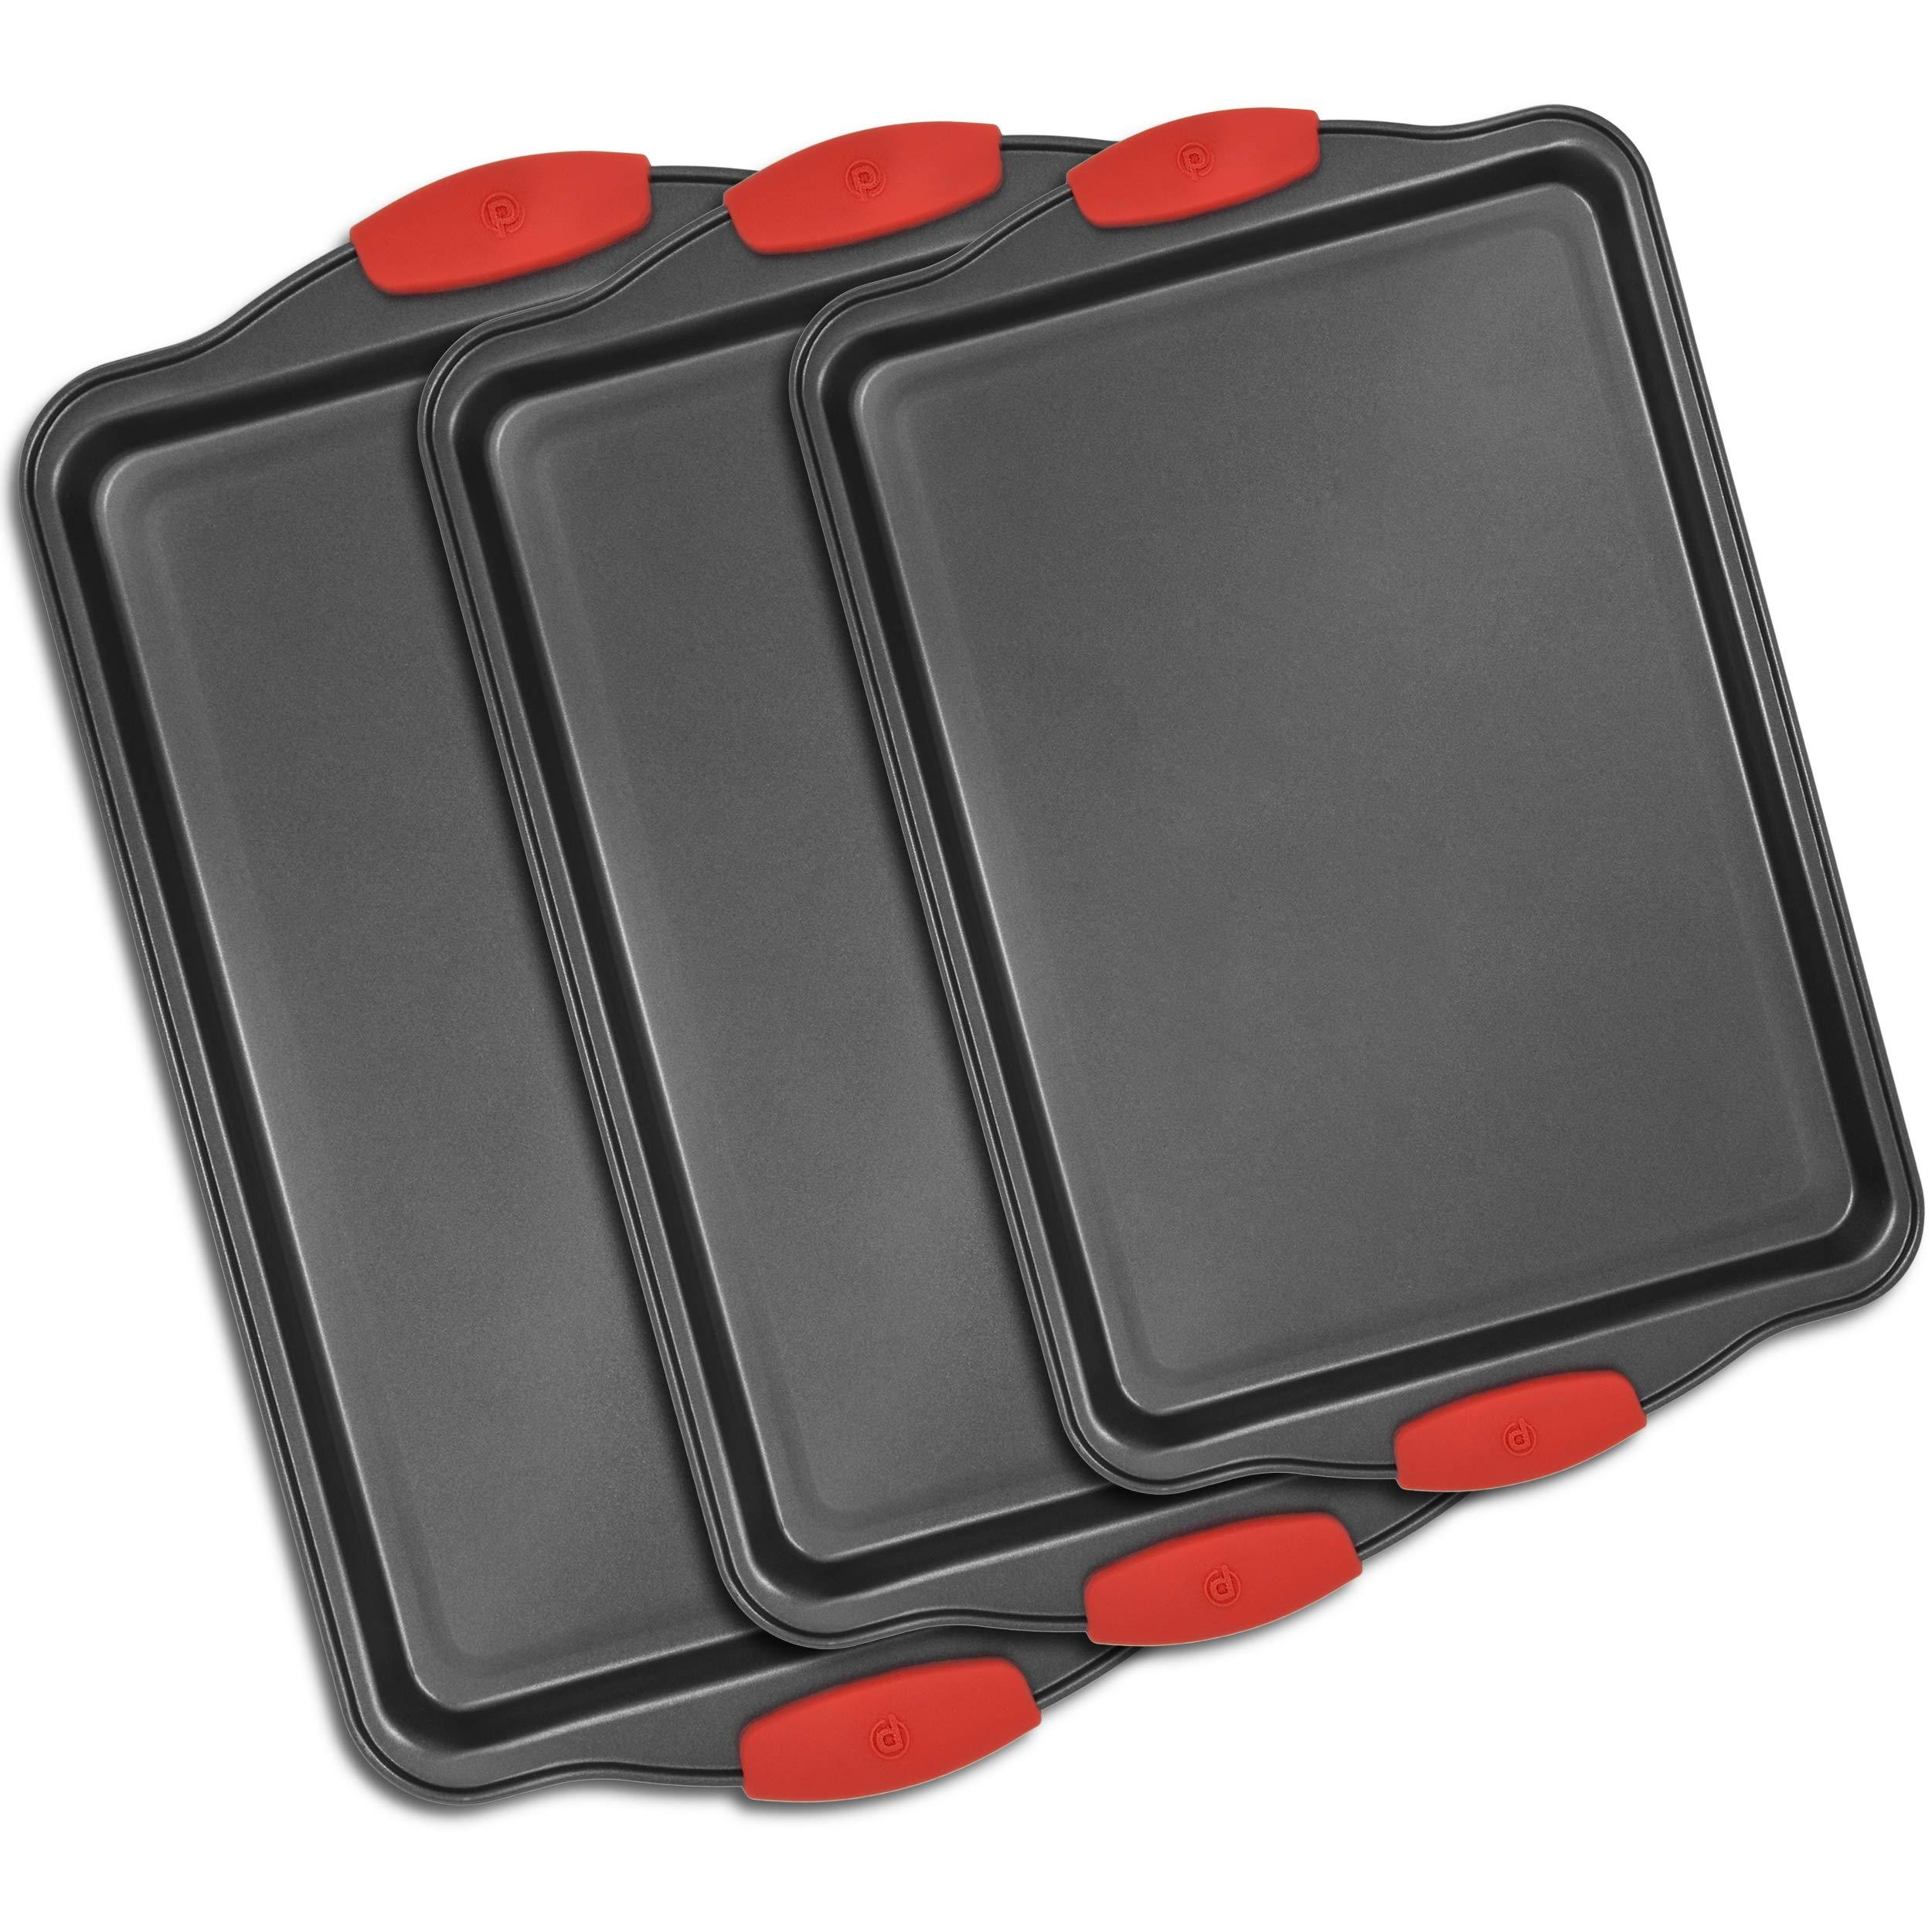 3 Piece Nonstick Bakeware Set Premium Nonstick Cookie